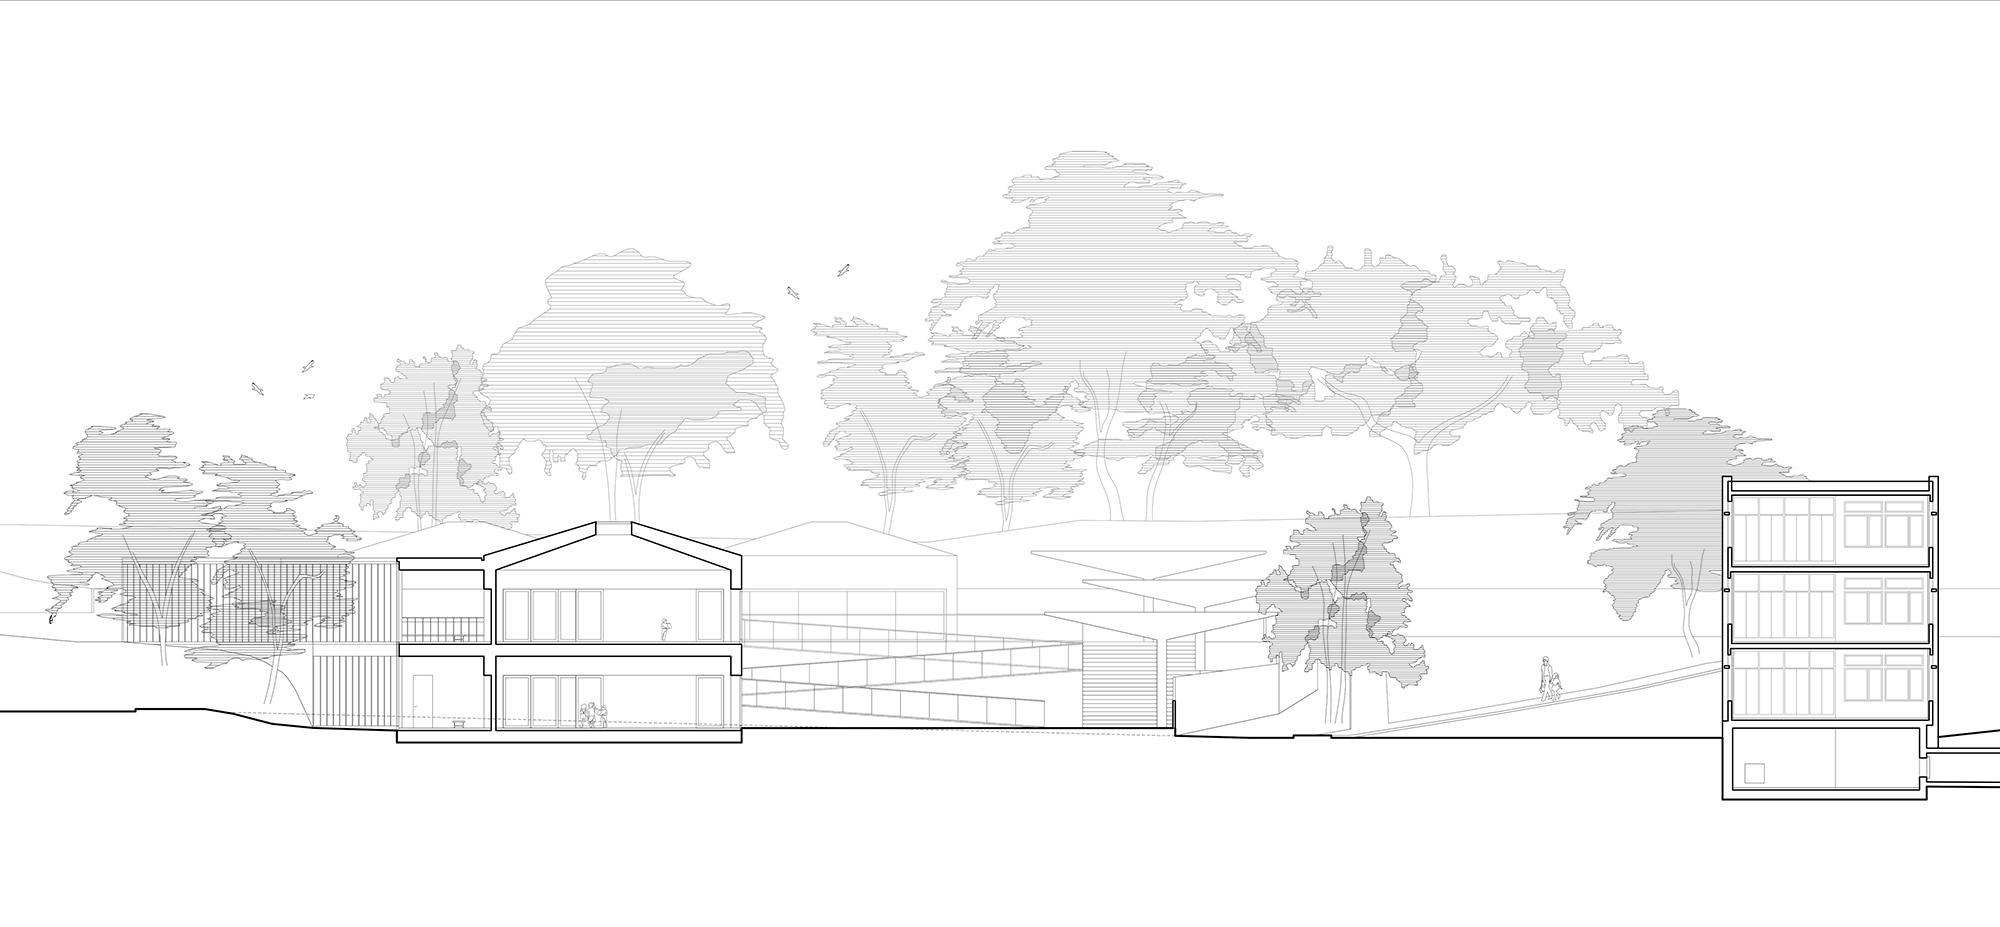 Architektur_offizin-a_gatto.weber.architekten_Projekte_Kultur_Heitera_01.jpg